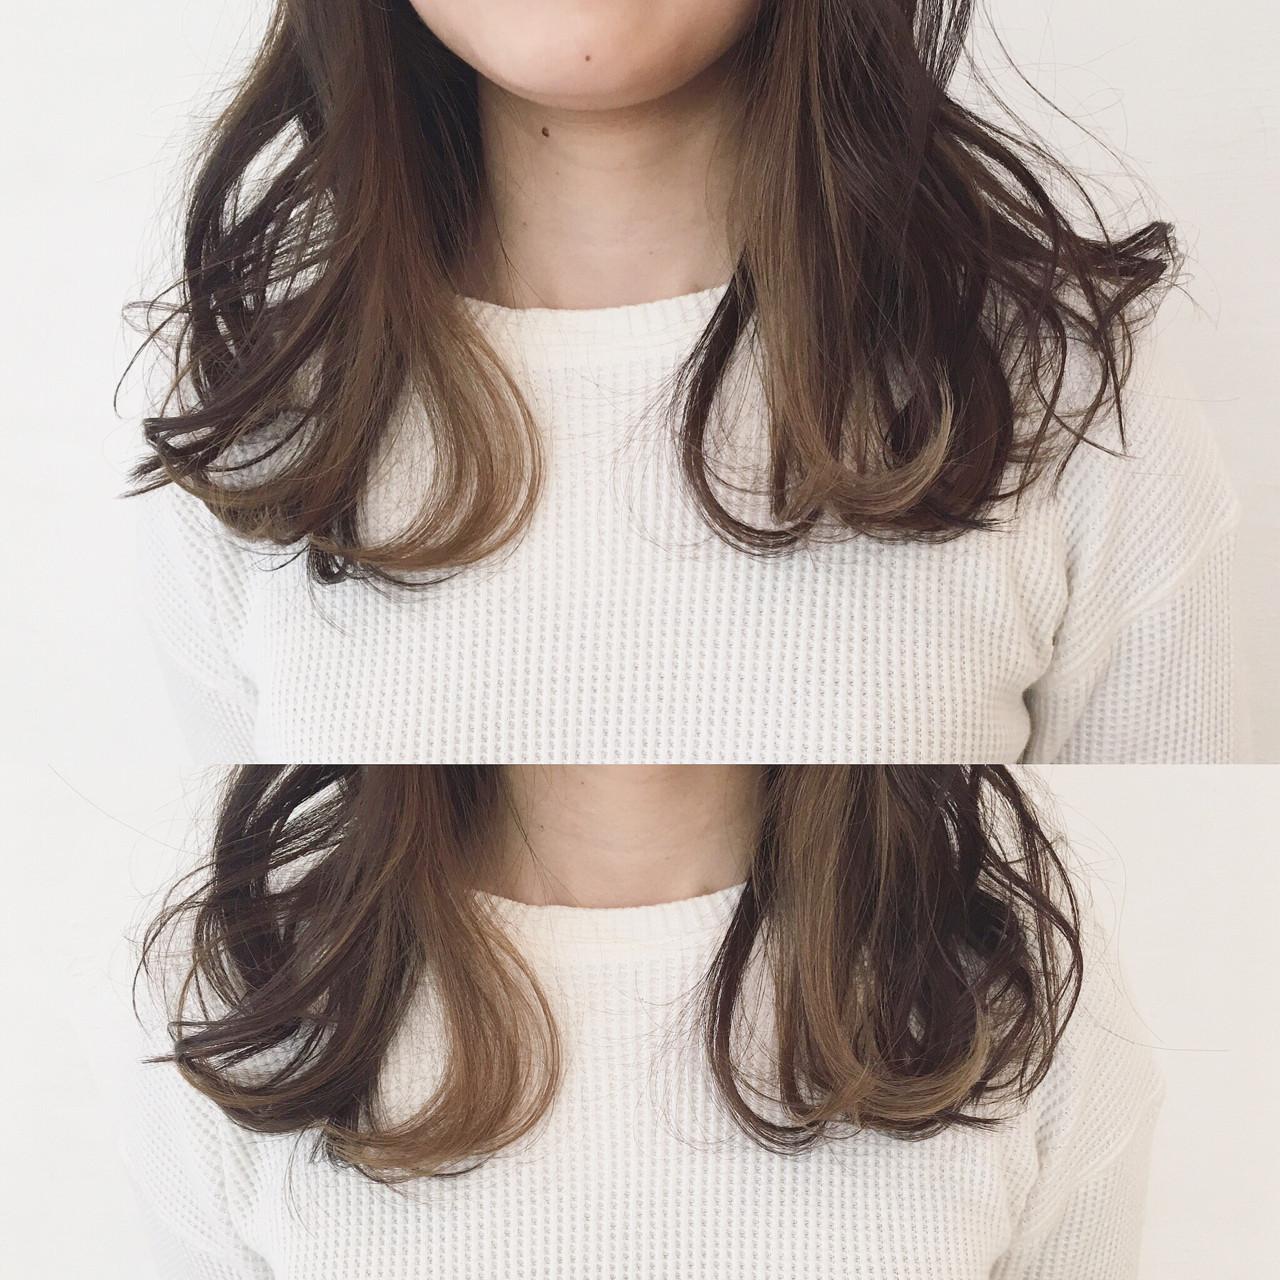 ハイライト 大人女子 パーマ 小顔 ヘアスタイルや髪型の写真・画像